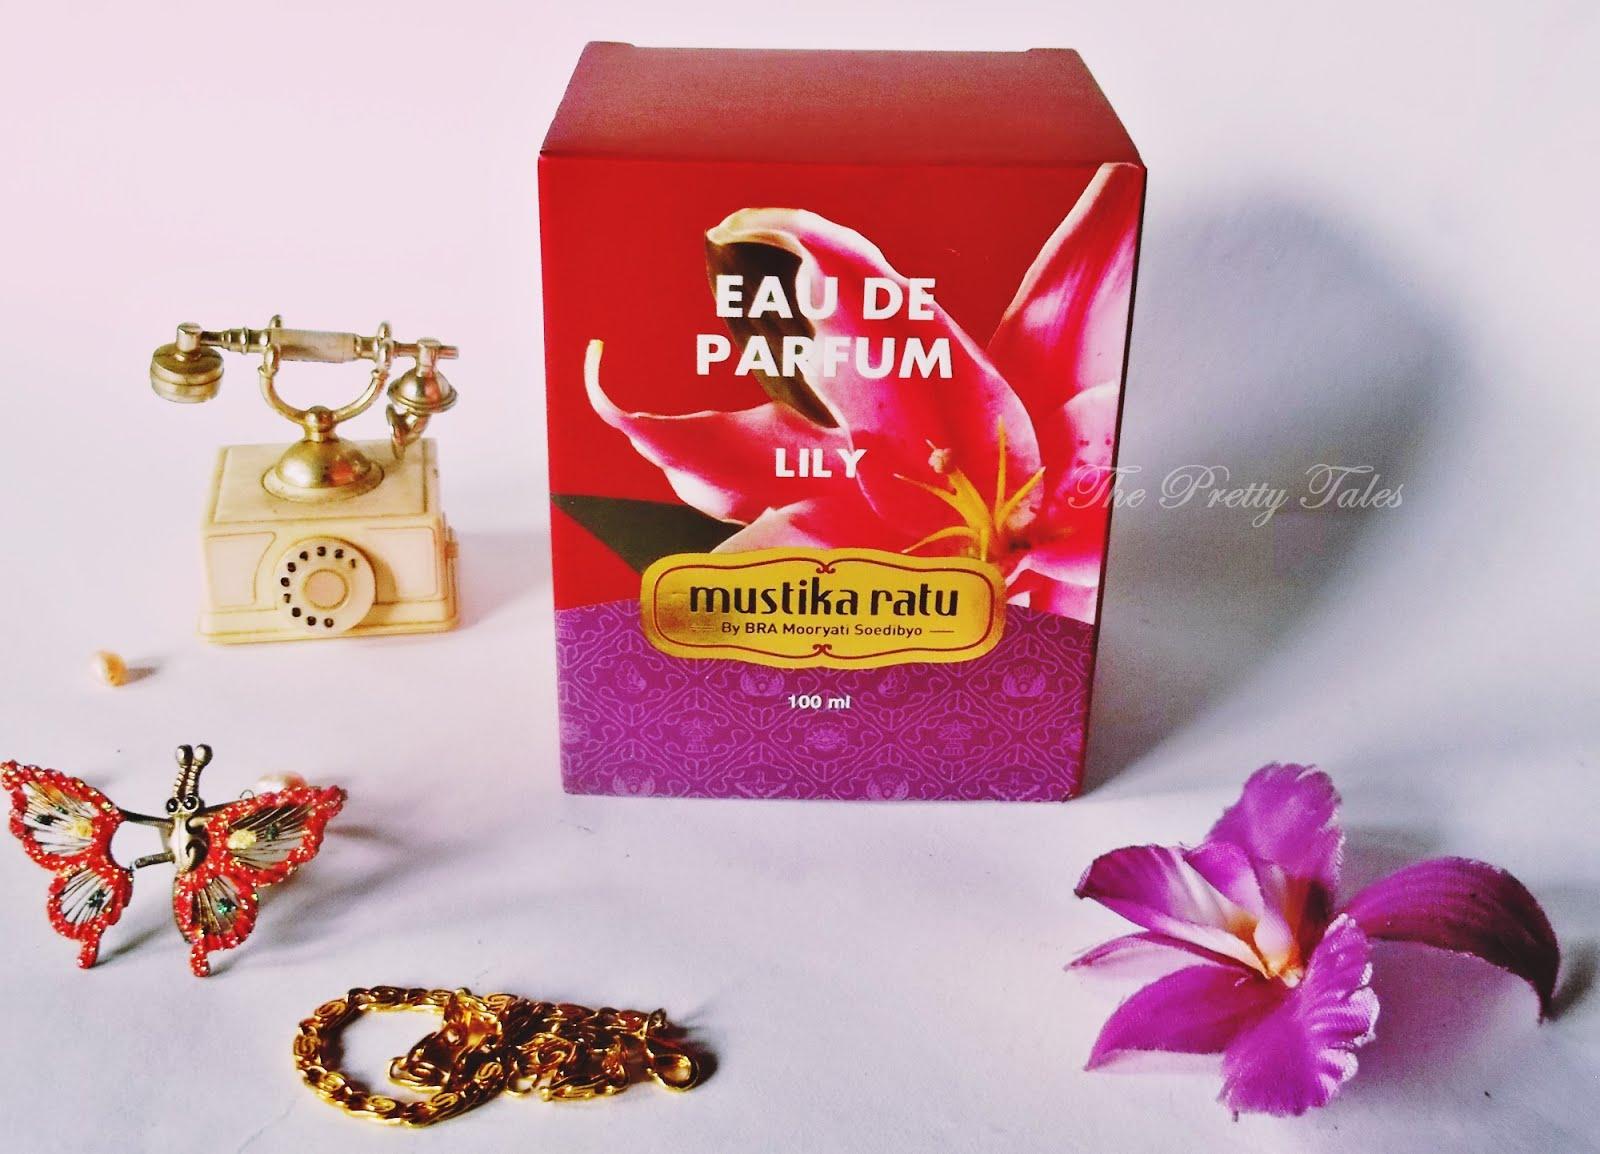 Mustika Ratu Eau De Parfum Lily Review The Pretty Tales Parfume Tube Rose